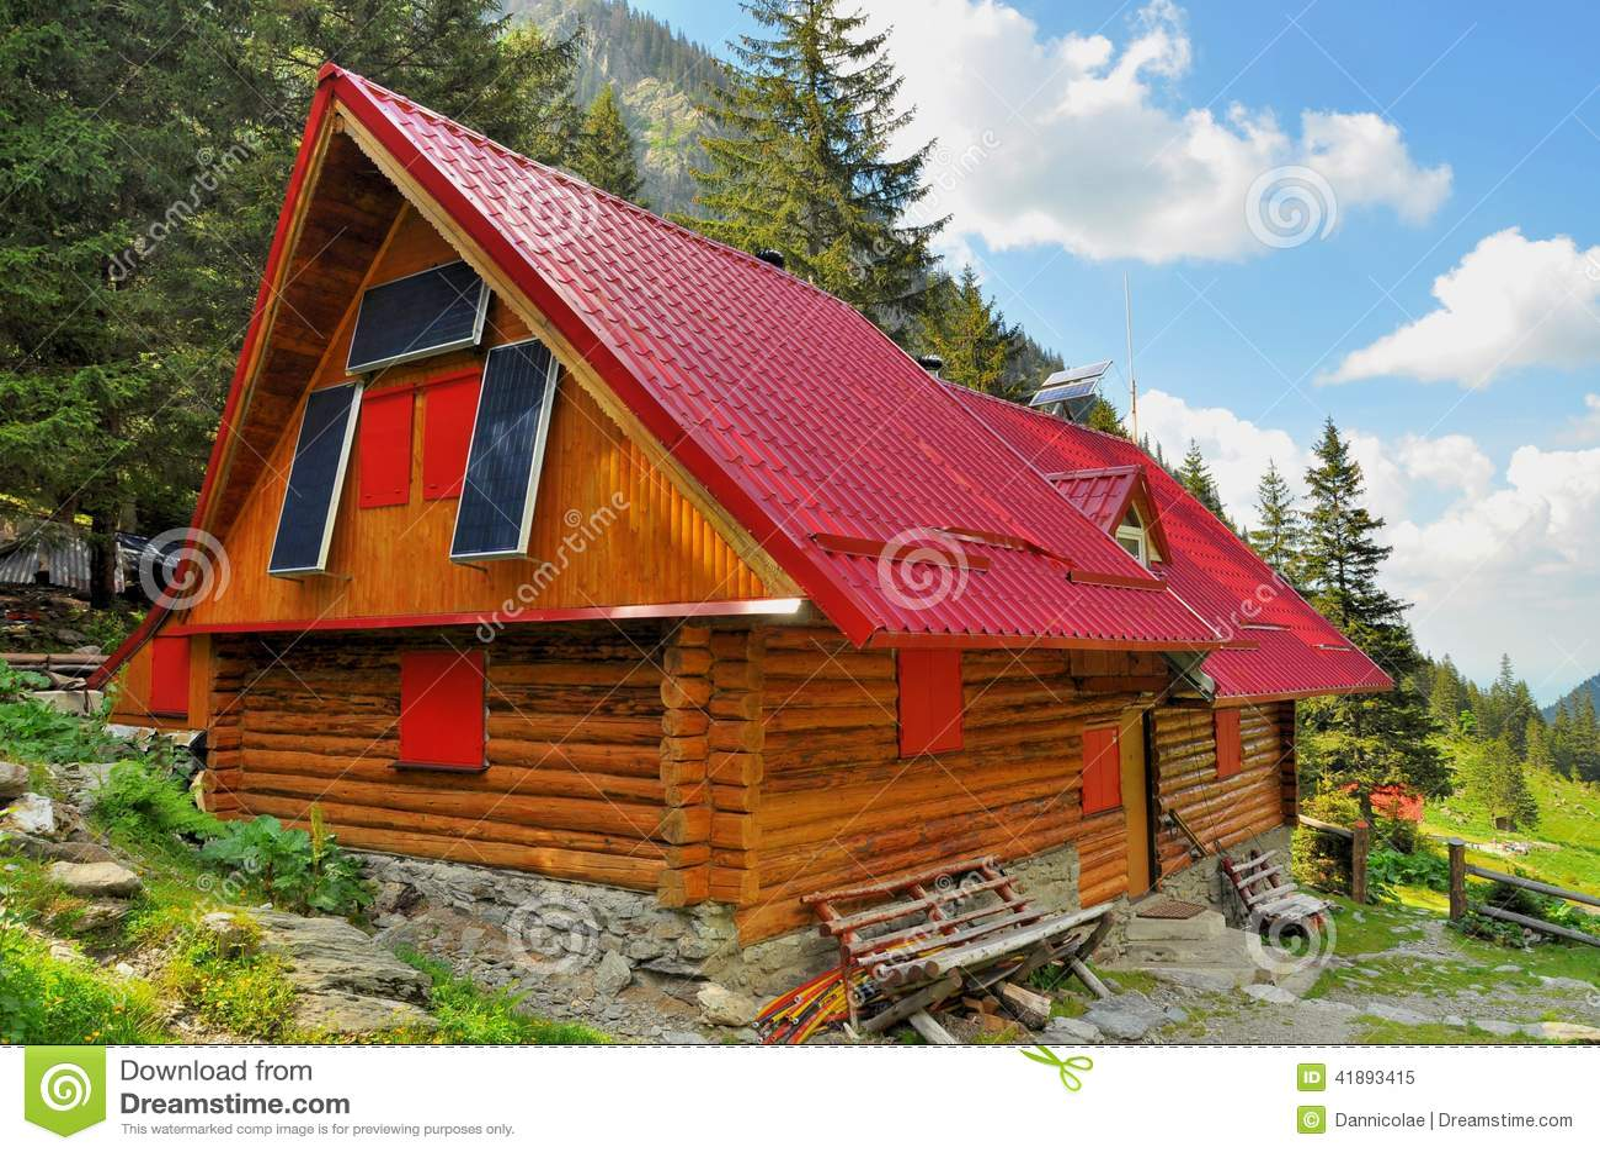 Houten bergchalet met zonnepanelen stock foto afbeelding 41893415 - Interieur chalet houten berg ...